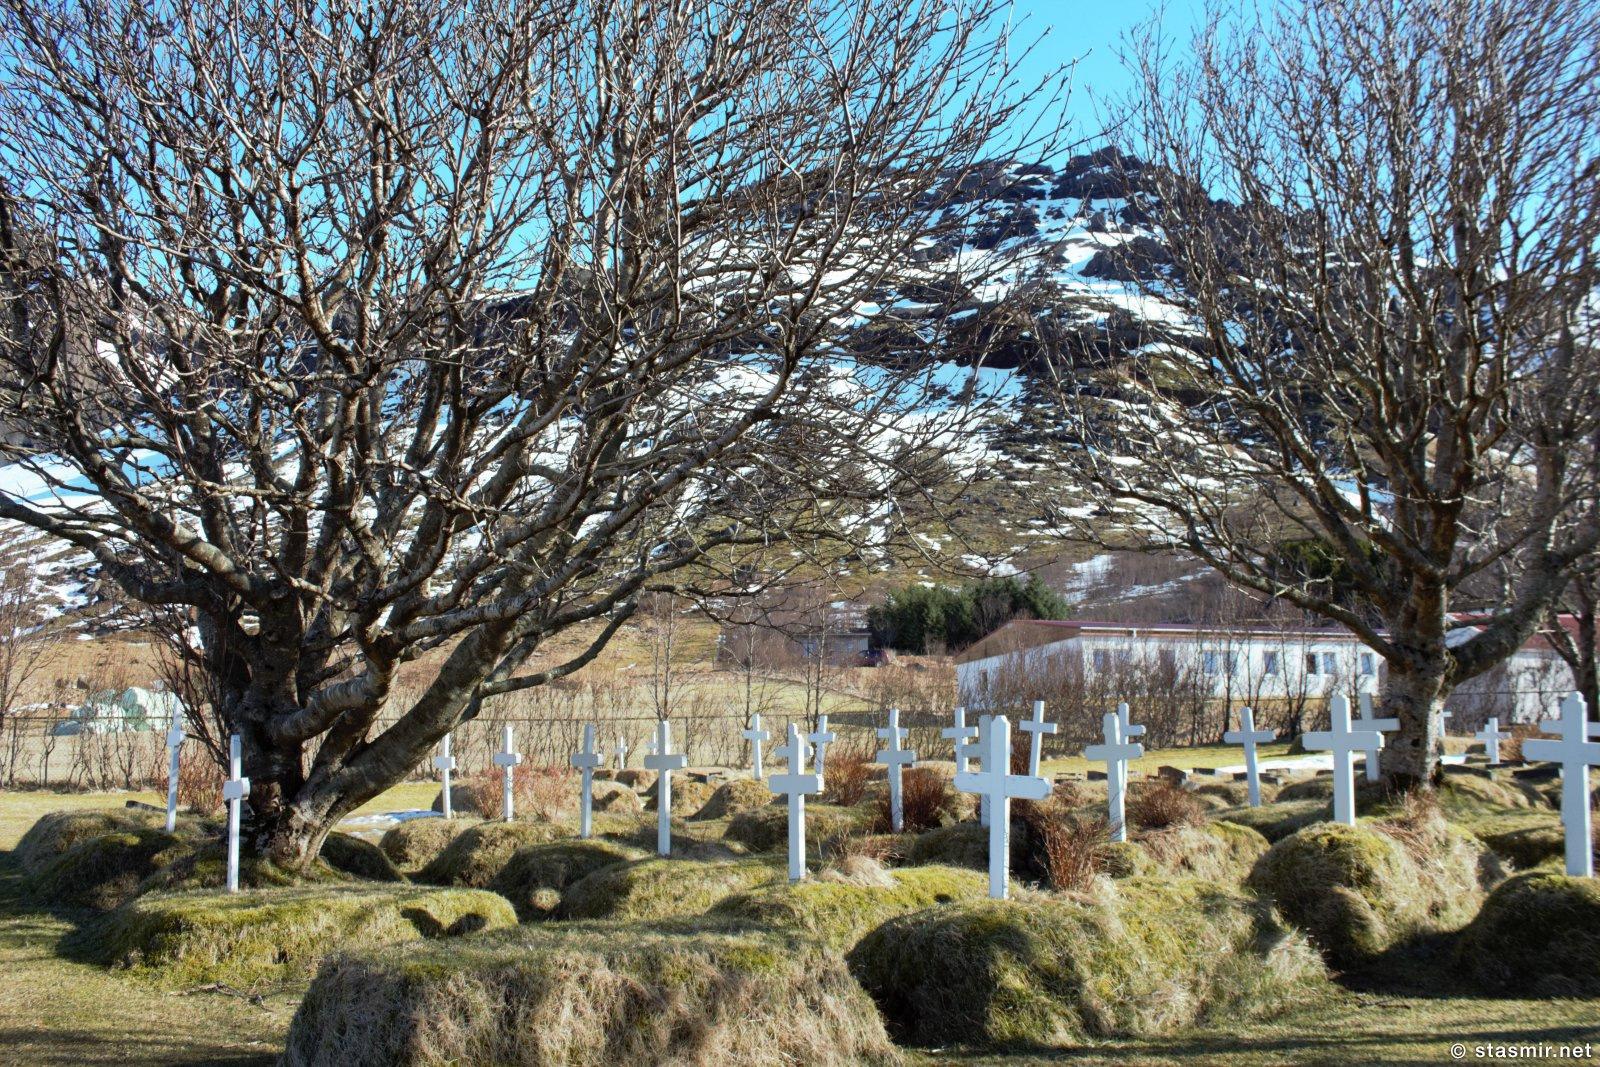 спасенная церковь в Хоф, Восточная Исландия, фото стасмир, photo Stasmir